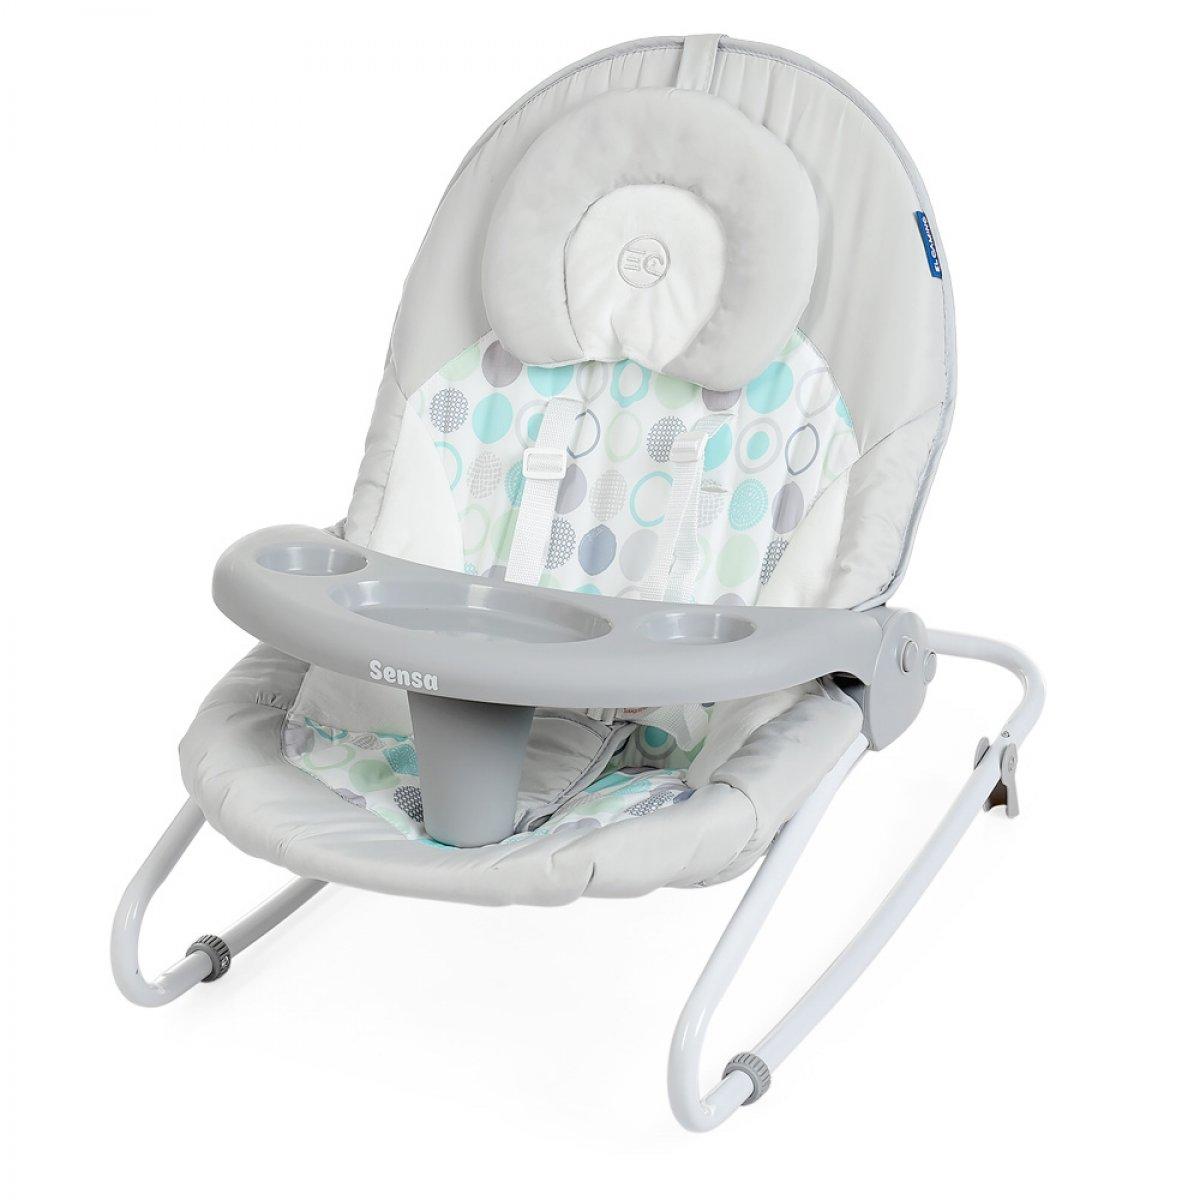 Укачивающий центр 2 в 1 (напольные качели) для новорожденных EL CAMINO SENSA ME (со столиком и пультом управления)